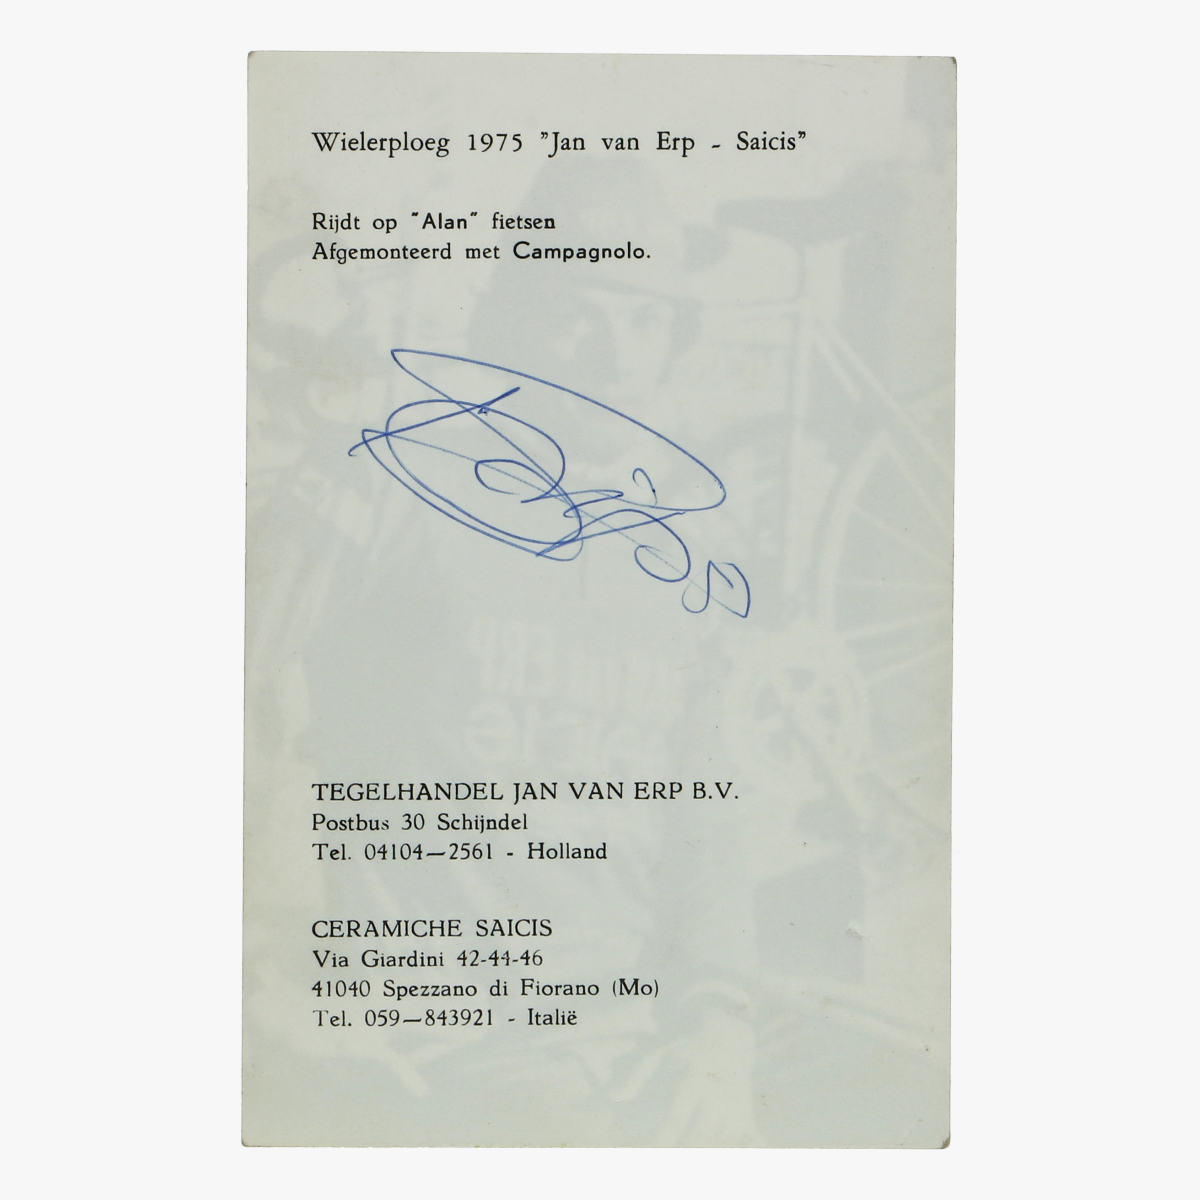 """Afbeeldingen van foto wielerploeg 1975 """" jan van erp - saicis"""""""